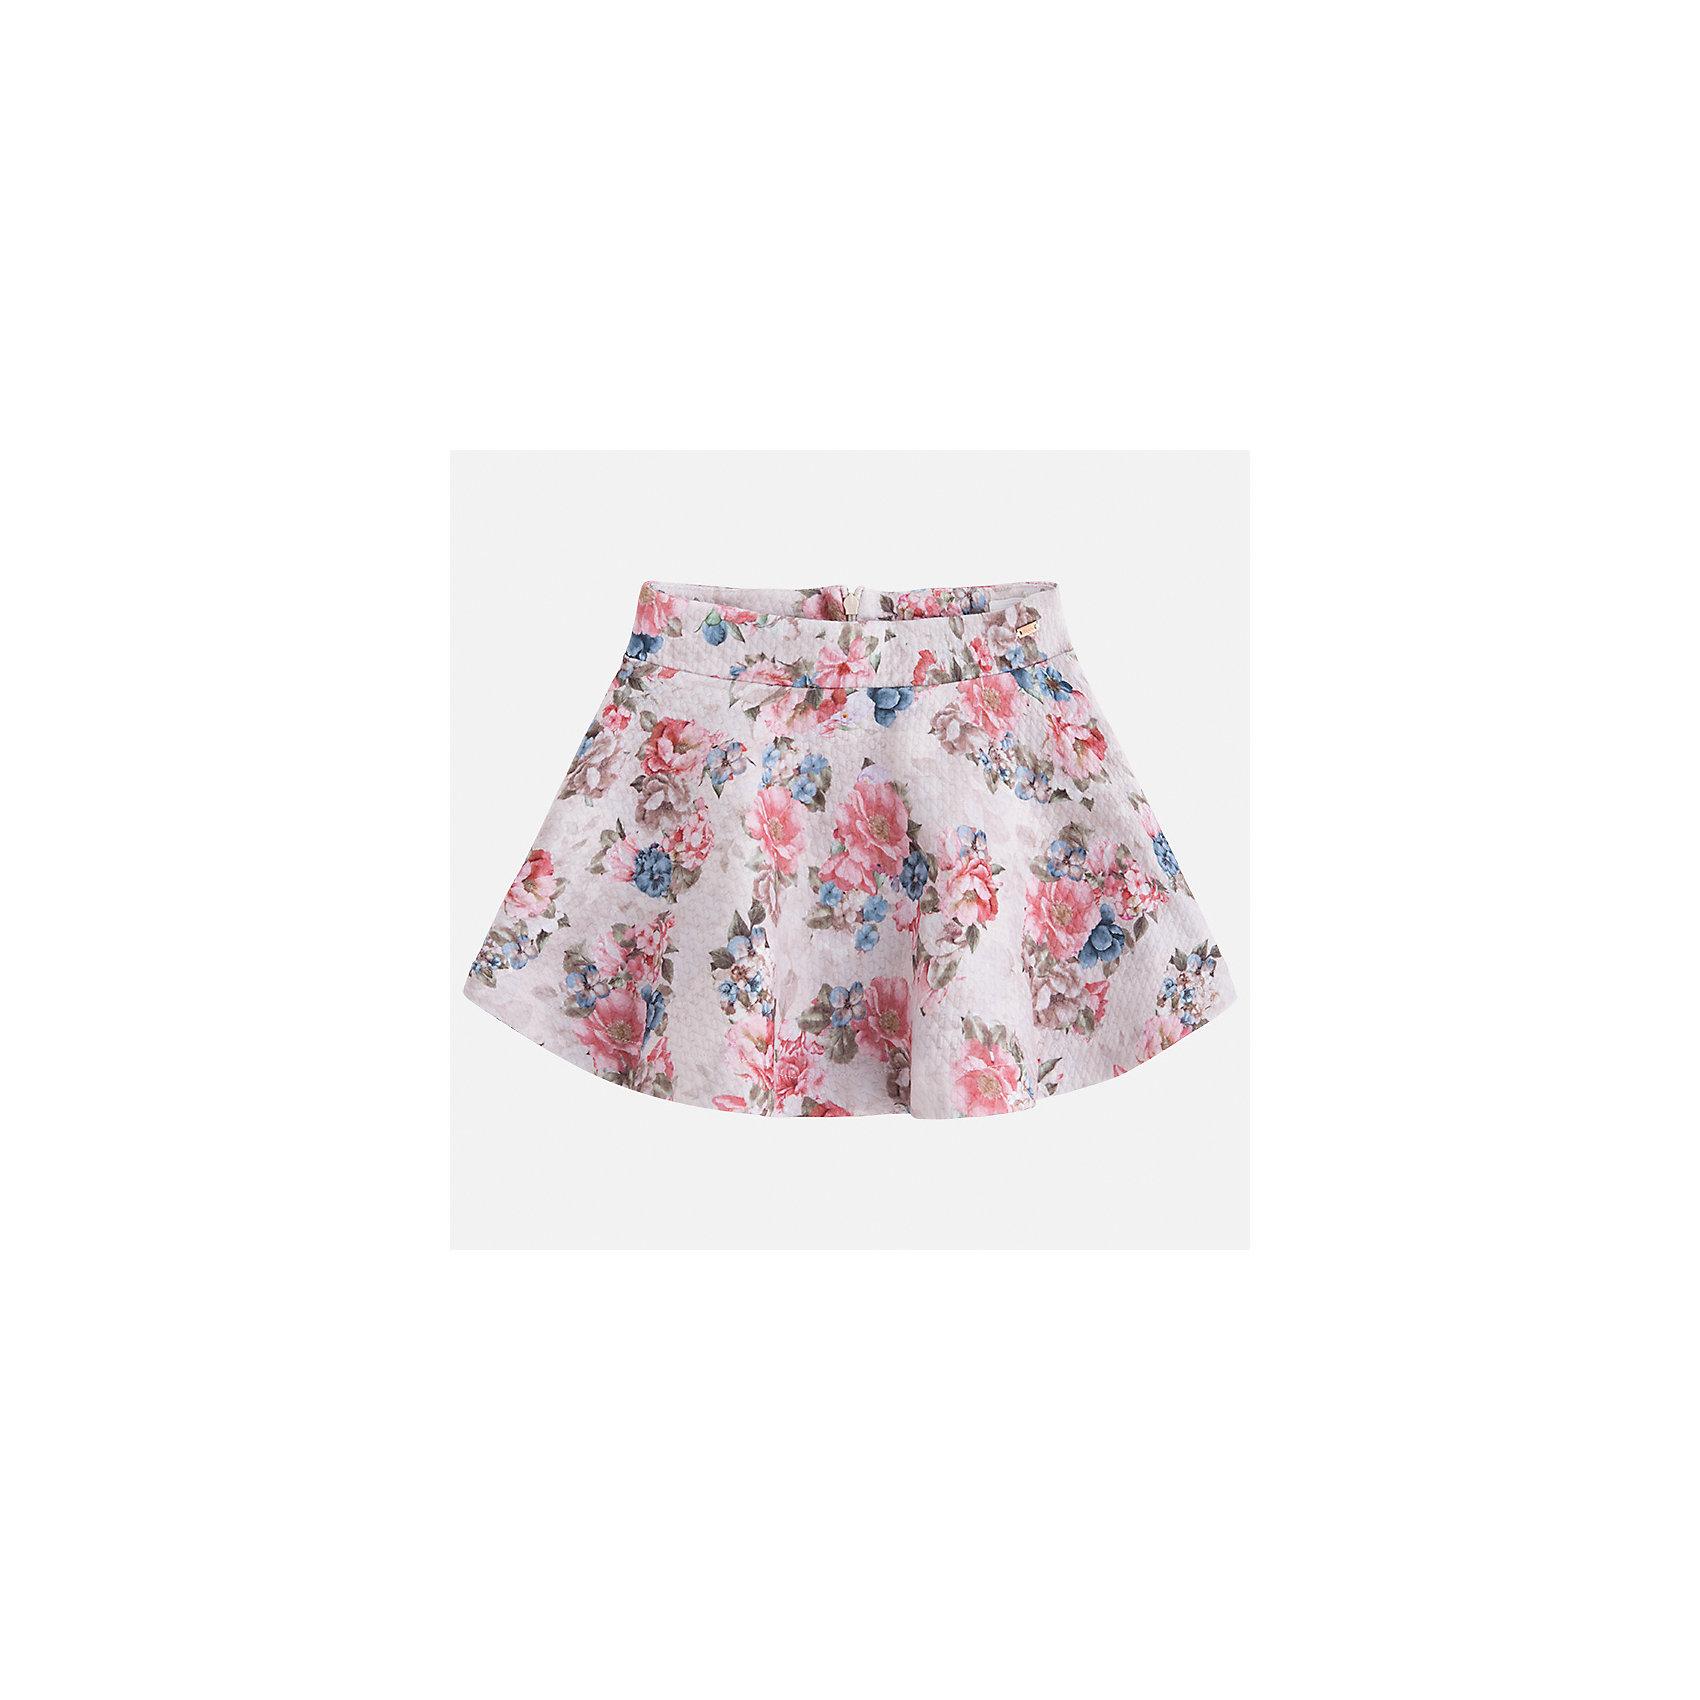 Юбка Mayoral для девочкиОдежда<br>Характеристики товара:<br><br>• цвет: коричневый<br>• состав ткани: 95% полиэстер, 5% эластан<br>• сезон: круглый год<br>• застежка: молния<br>• страна бренда: Испания<br>• страна изготовитель: Индия<br><br>Эта юбка отличается красивым цветочным принтом. Детская юбка от бренда Майорал поможет девочке выглядеть женственно и стильно. <br><br>Детская одежда от испанской компании Mayoral отличаются оригинальным и всегда стильным дизайном. Качество продукции неизменно очень высокое.<br><br>Юбку для девочки Mayoral (Майорал) можно купить в нашем интернет-магазине.<br><br>Ширина мм: 207<br>Глубина мм: 10<br>Высота мм: 189<br>Вес г: 183<br>Цвет: коричневый<br>Возраст от месяцев: 72<br>Возраст до месяцев: 84<br>Пол: Женский<br>Возраст: Детский<br>Размер: 122,98,104,110,116<br>SKU: 6923106